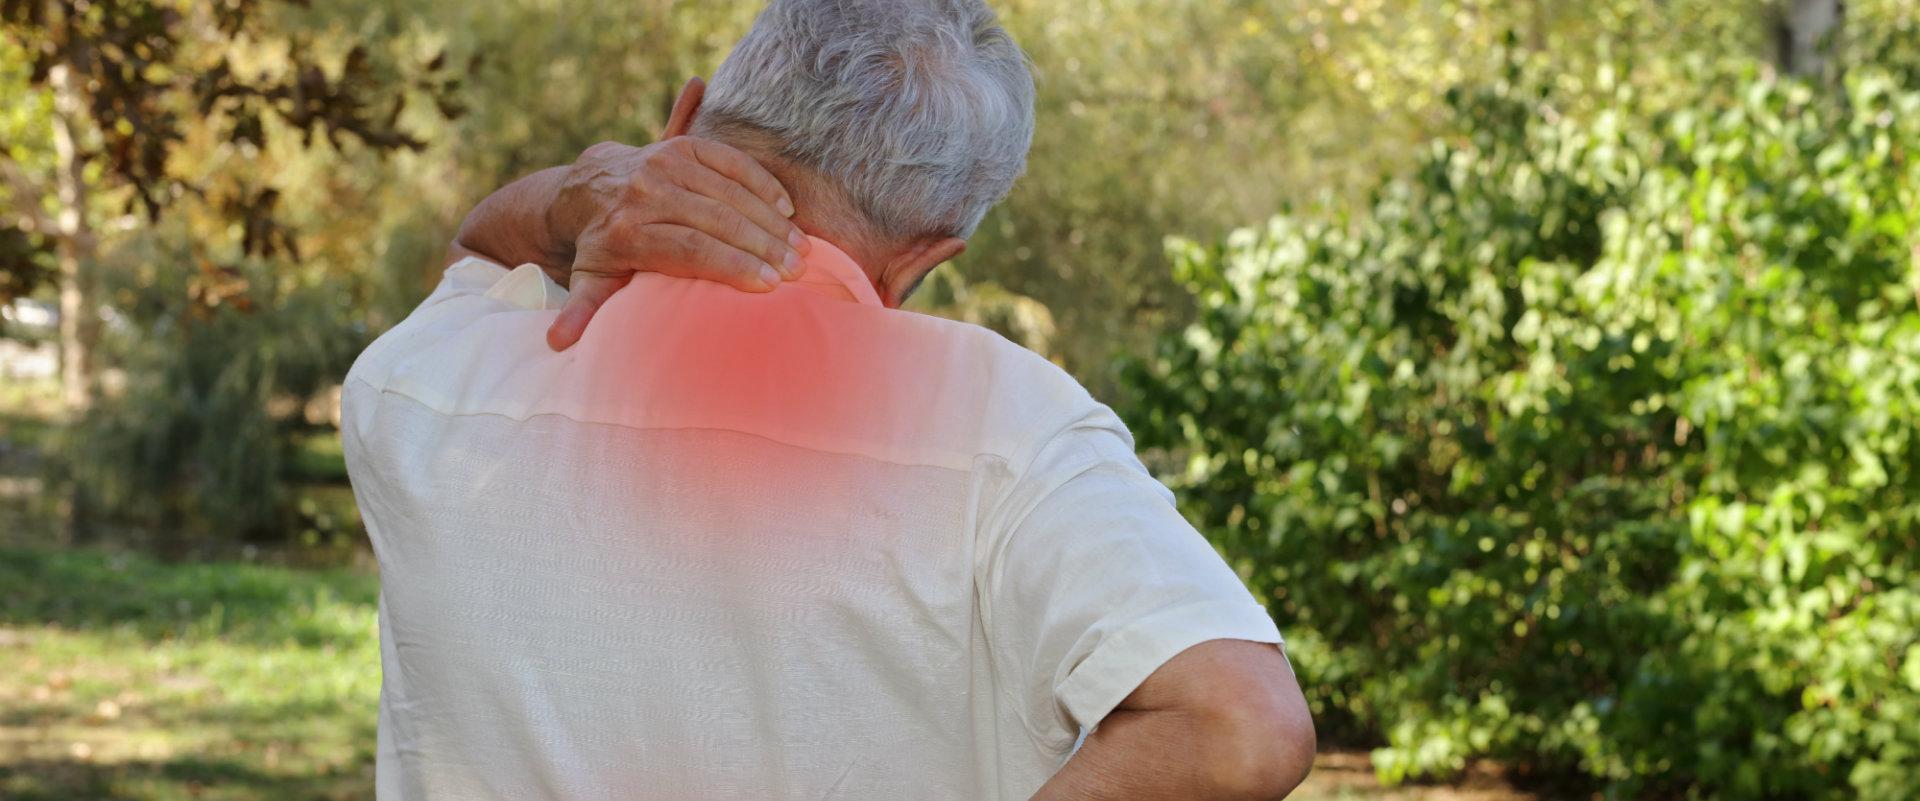 Hombre de la tercera edad agarrandose el cuello por el dolor